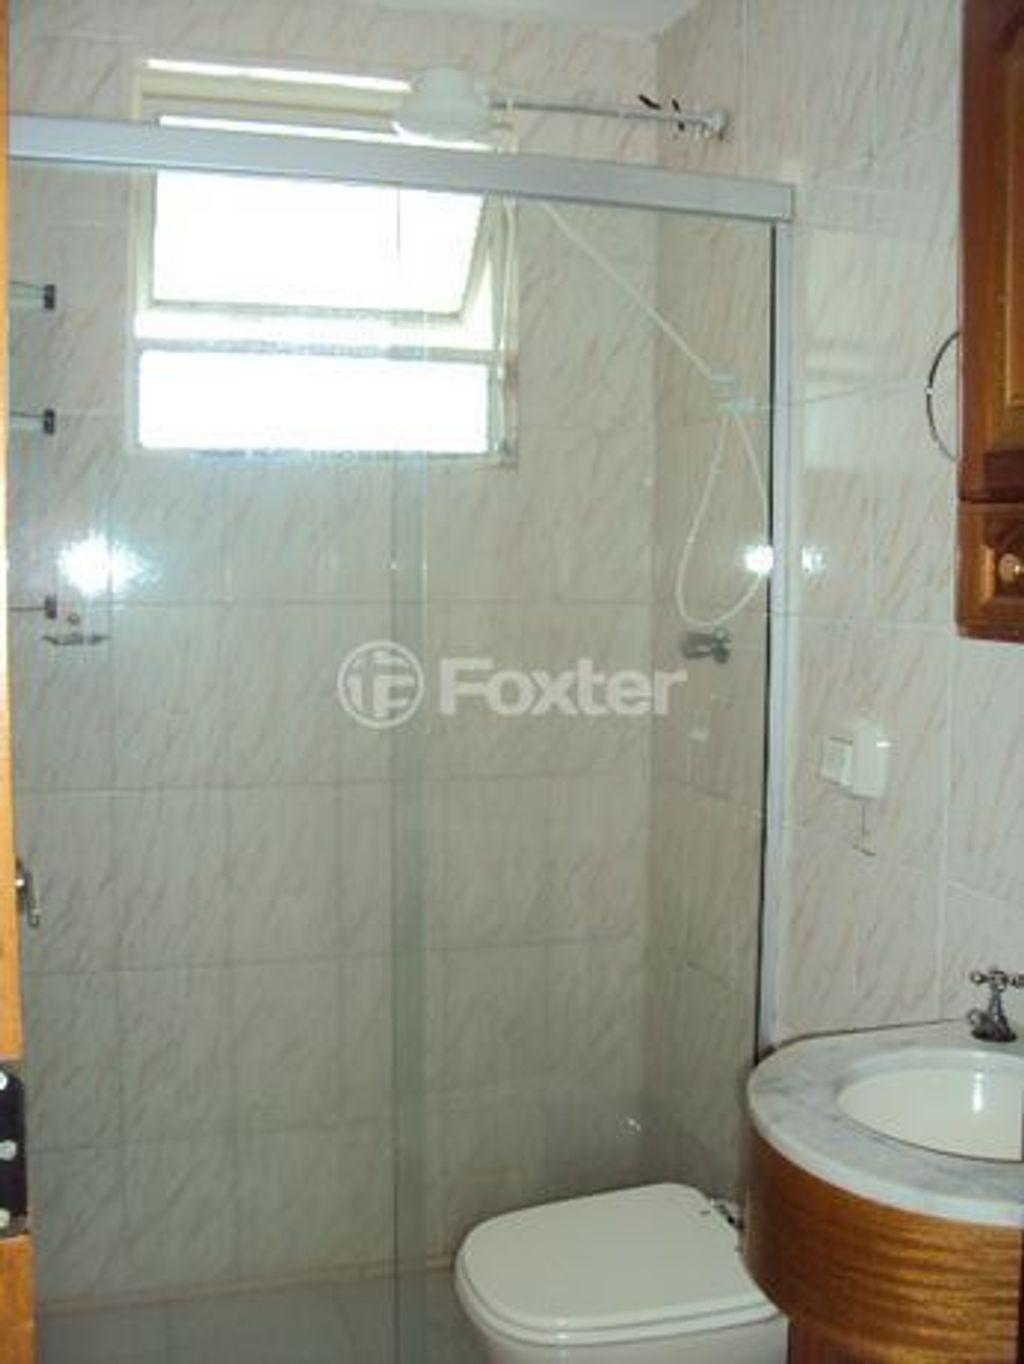 Foxter Imobiliária - Apto 1 Dorm, Azenha (134511) - Foto 10